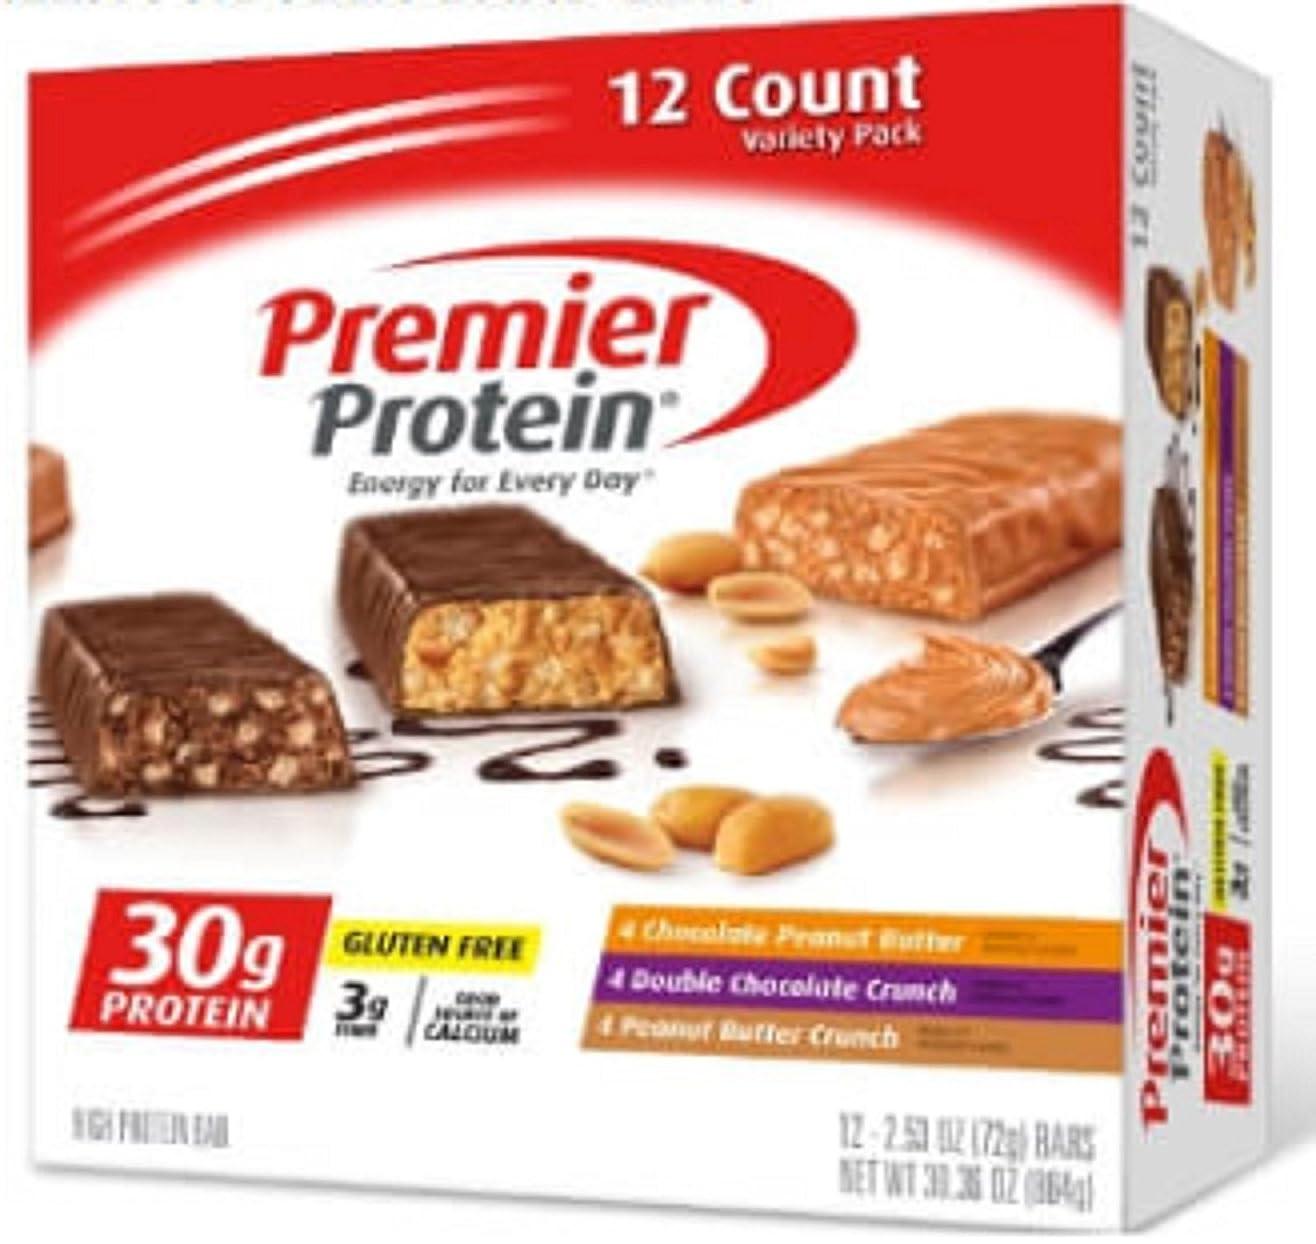 土地ロボットバリケード【2箱セット】Premier Protein プレミア プロテイン プロテインバー バラエティパック(72g x 12本入り x 2箱)